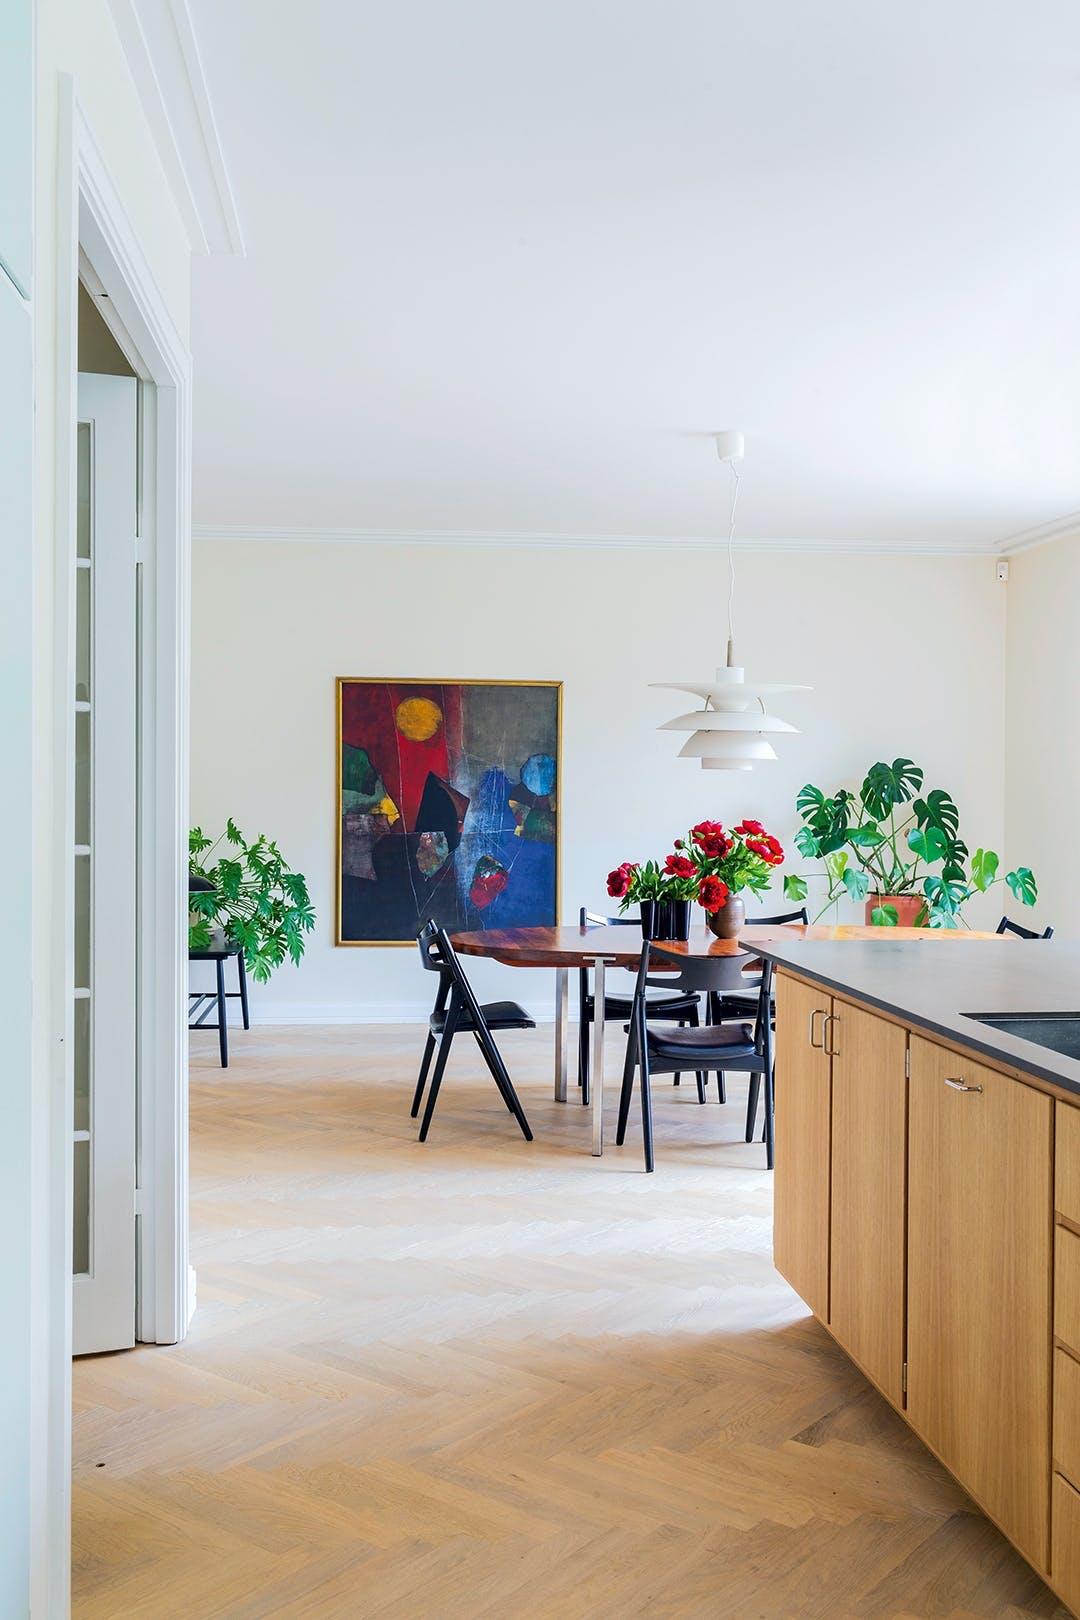 spisestue køkkenø spisebord spisestole